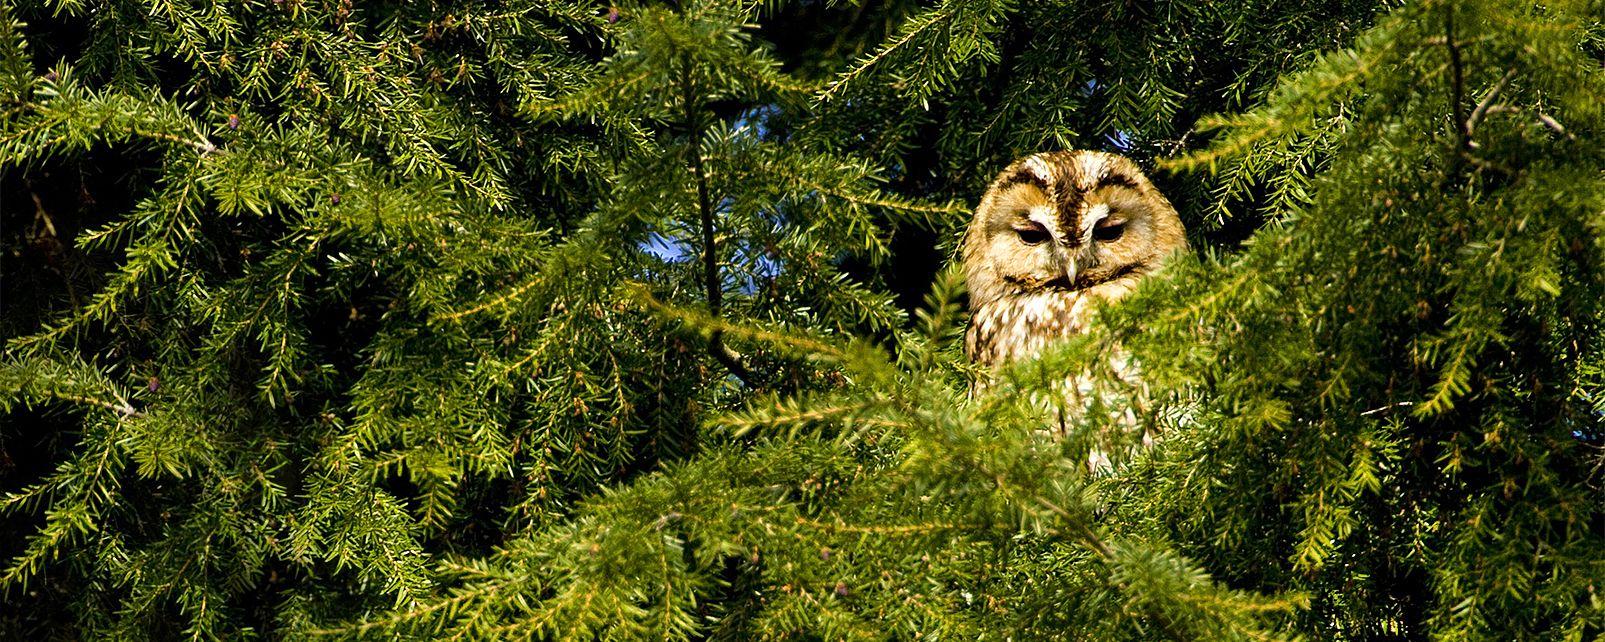 Civetta in mezzo a un pino, Il Parco Naturale del Montgó, La fauna e la flora, Comunità valenzana